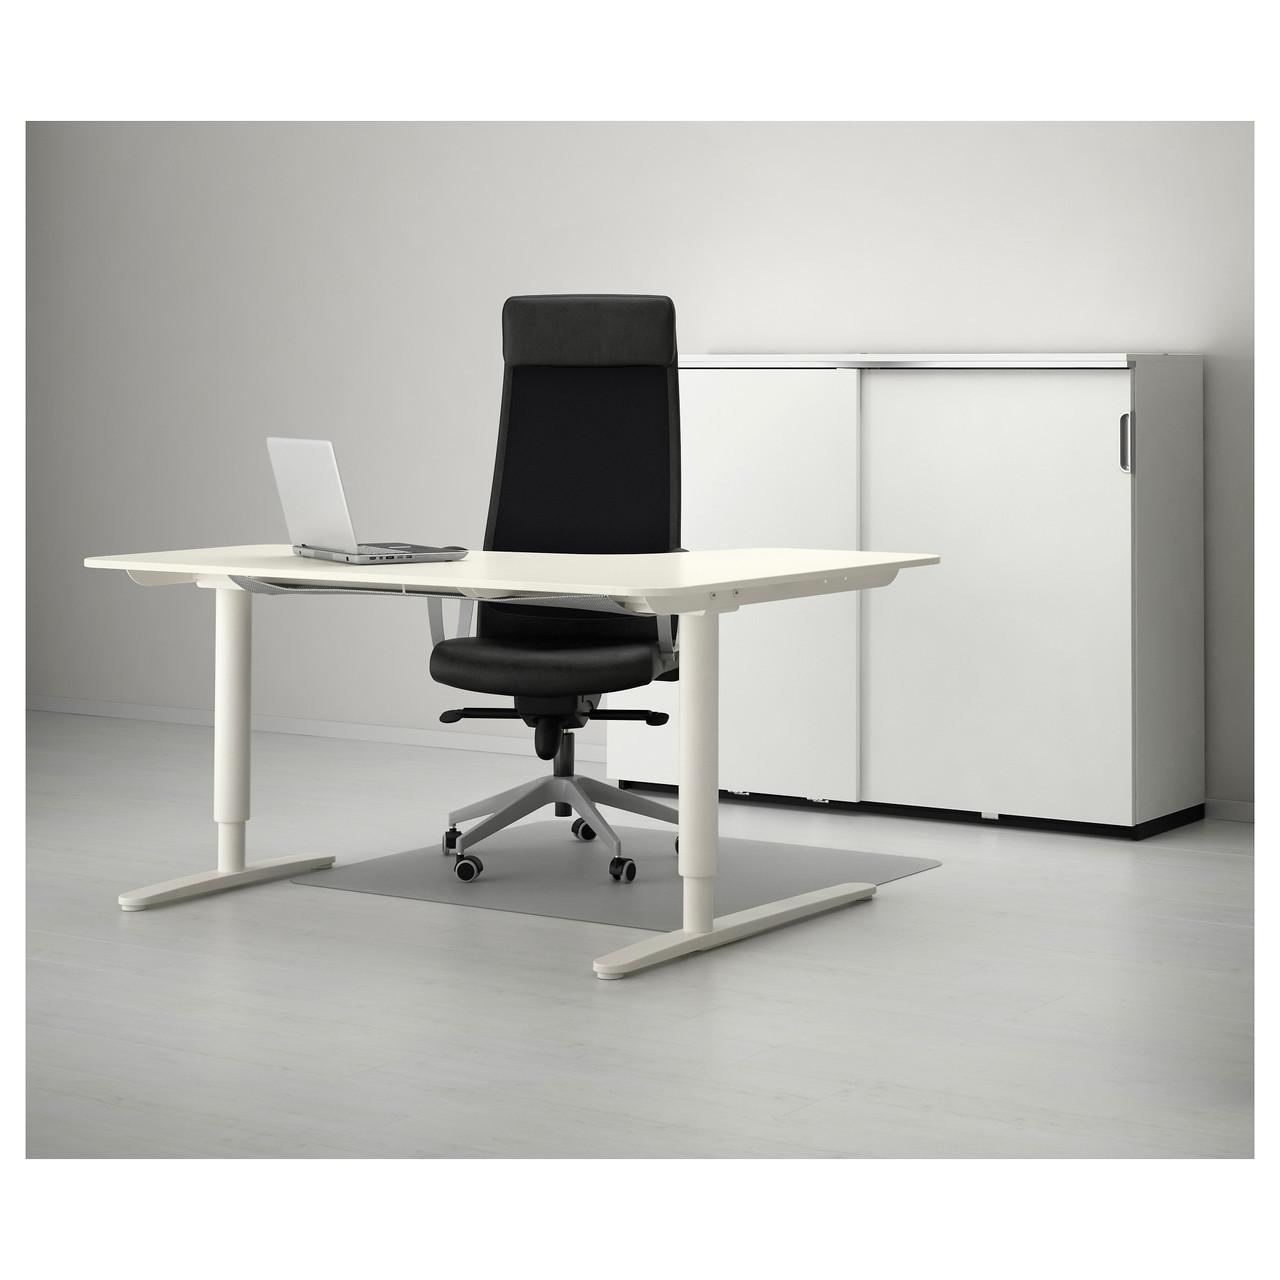 компьютерный стол Ikea Bekant 160x110 см угловой с регулируемой